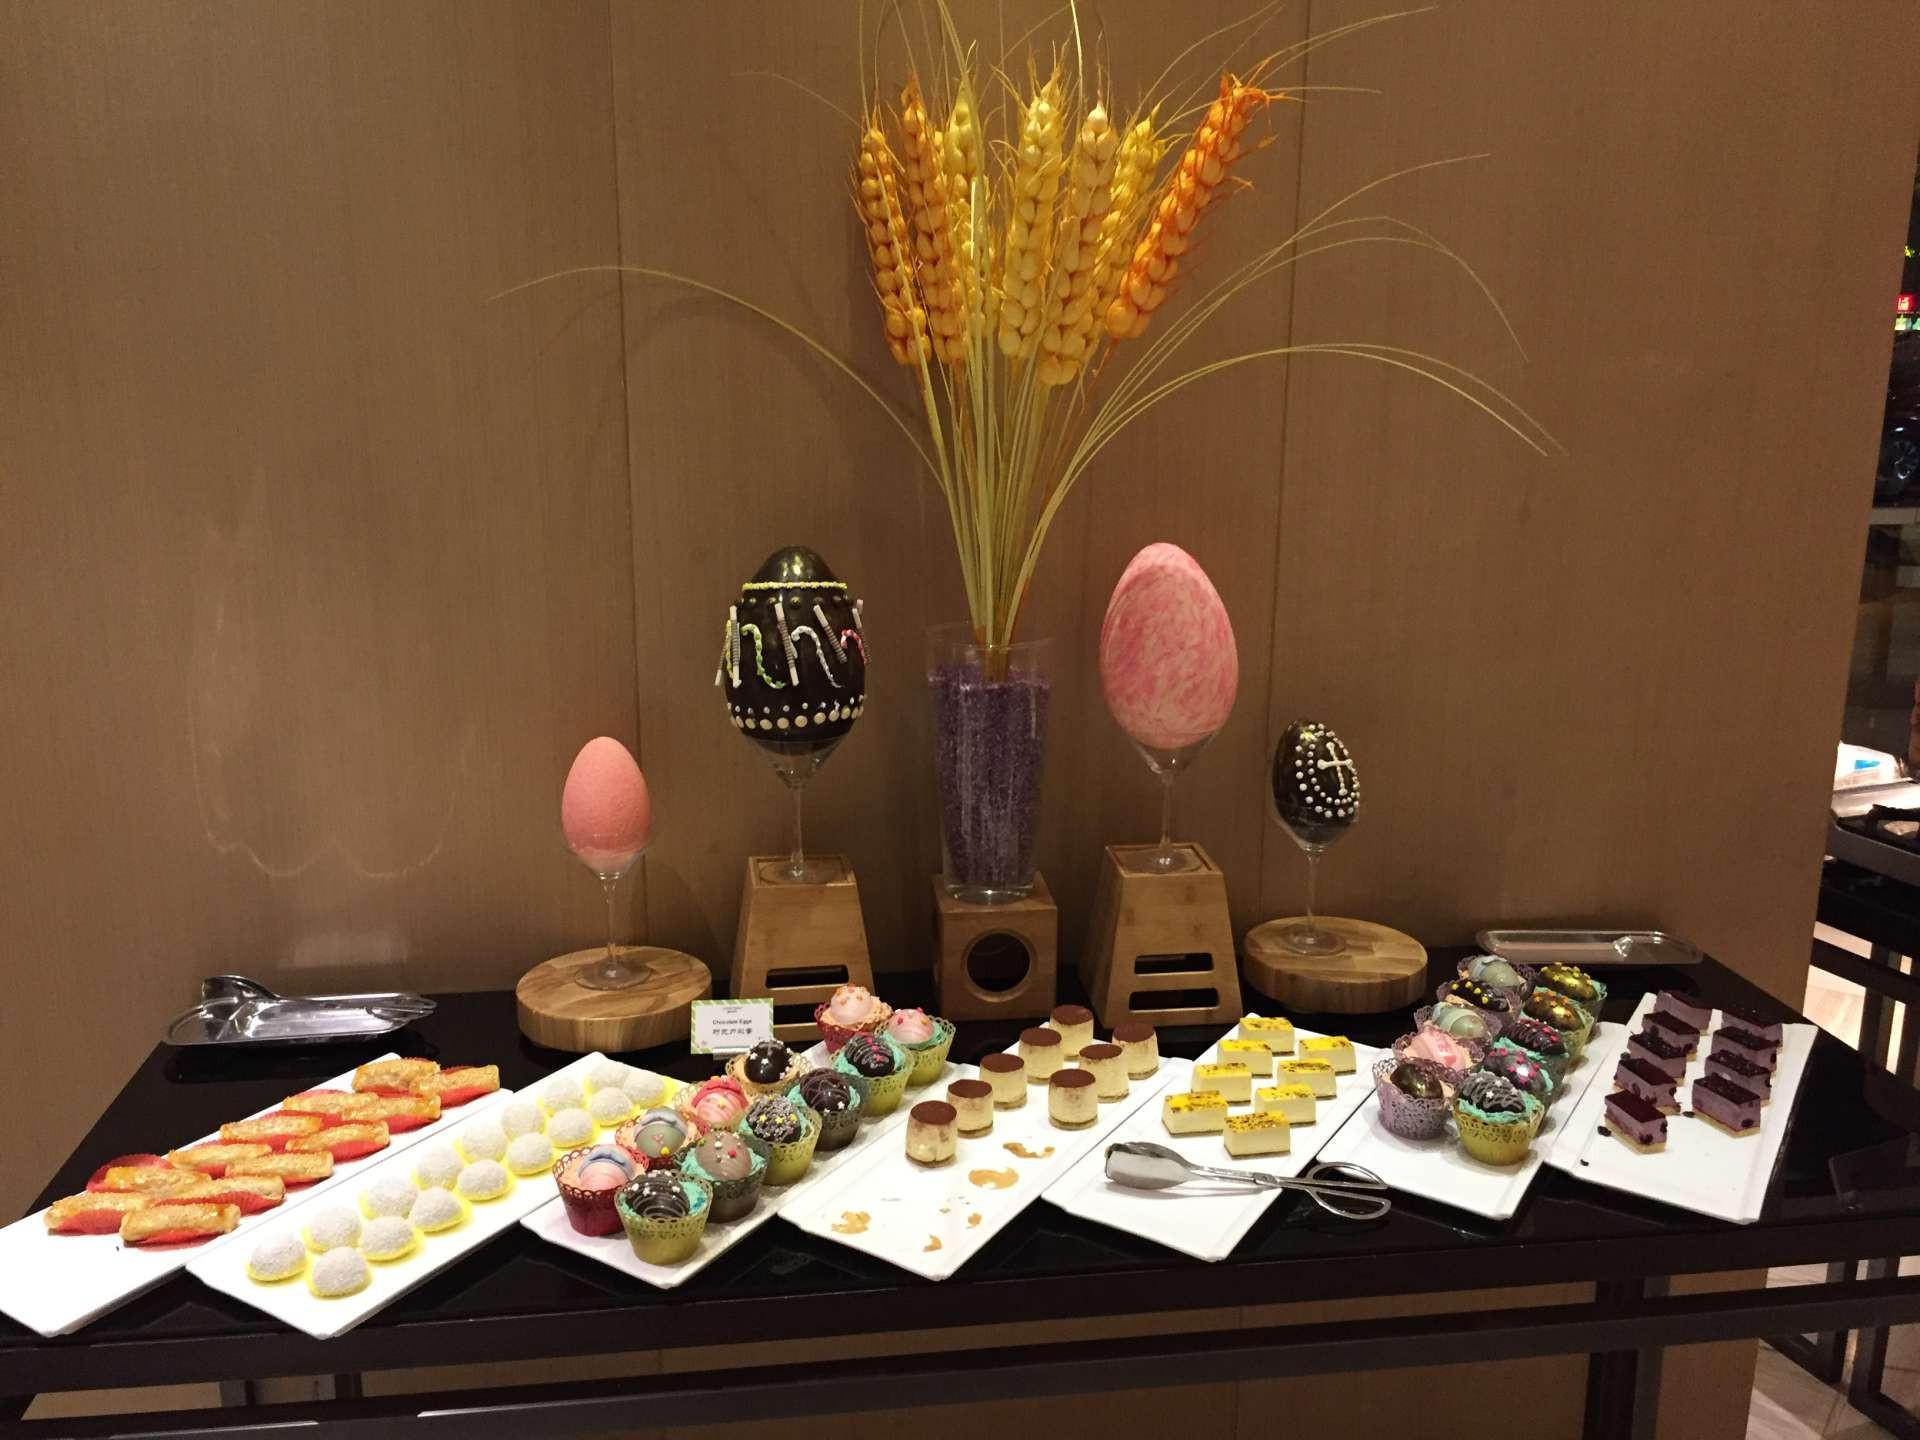 Restaurant For Easter Dinner  Easter dinner at the restaurant – Vakantio